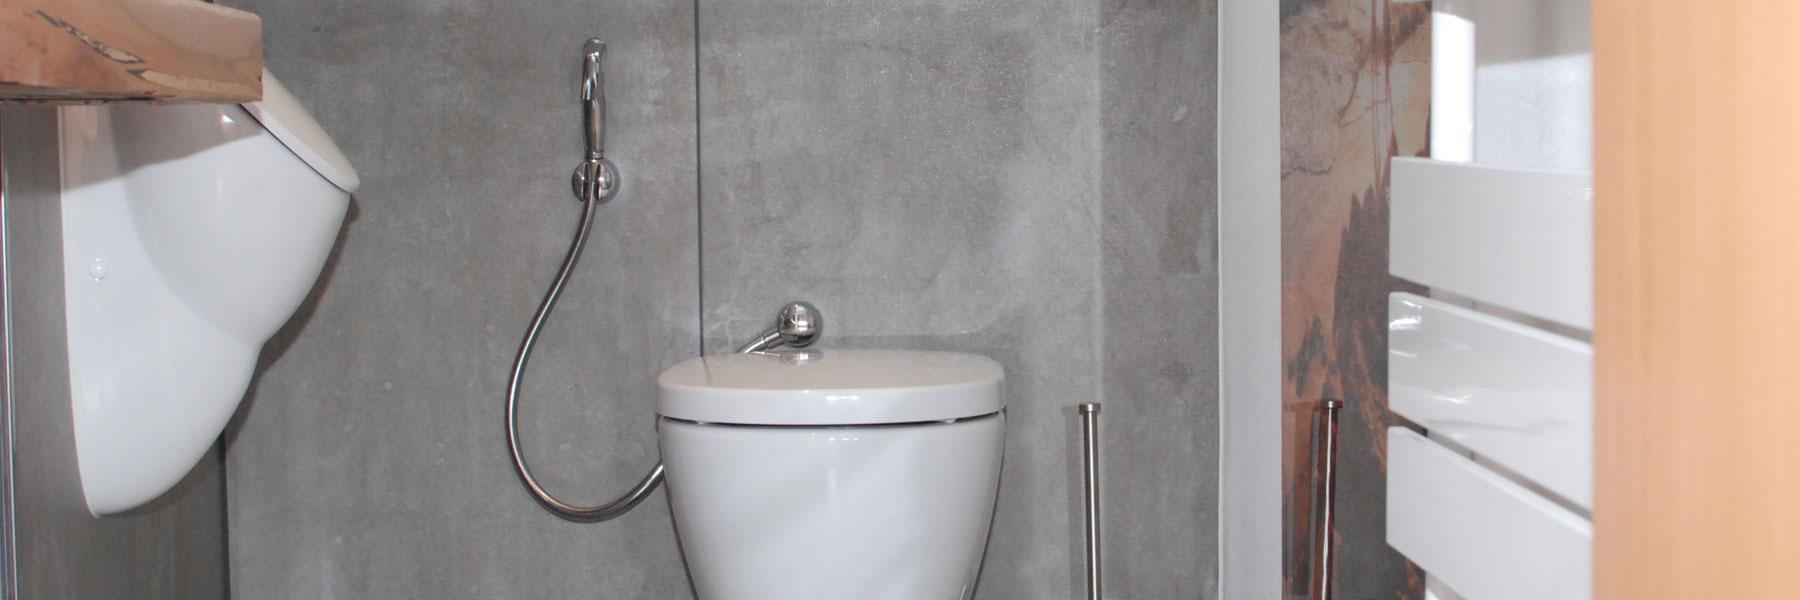 Kunden WC